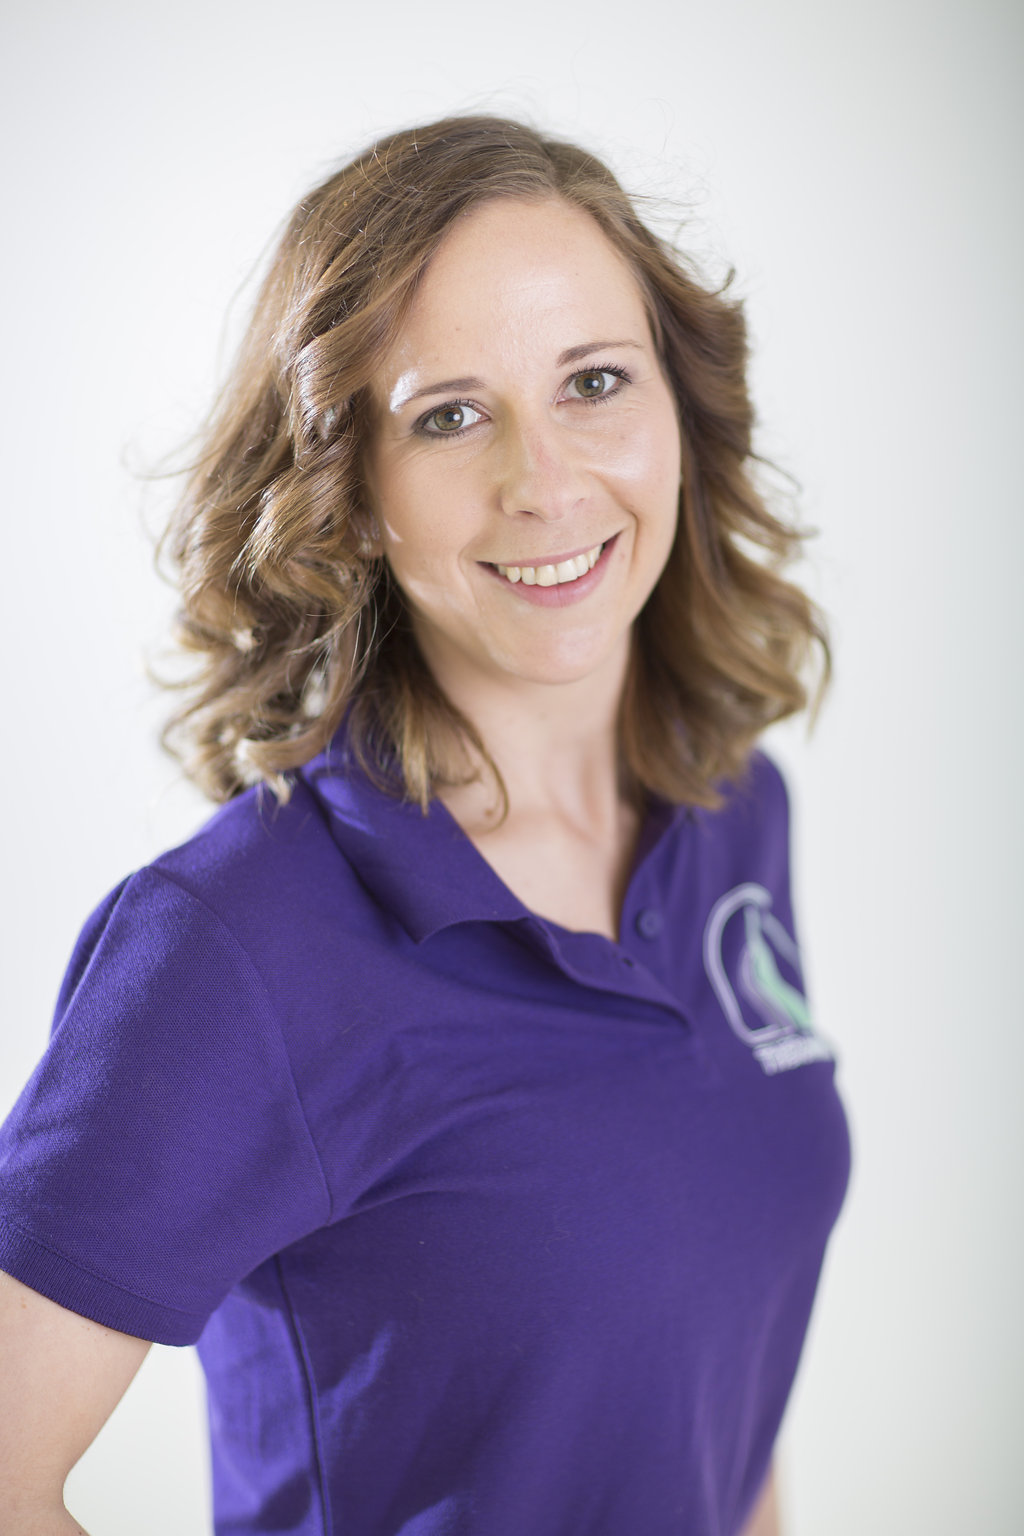 Isabella Schürz, BSc